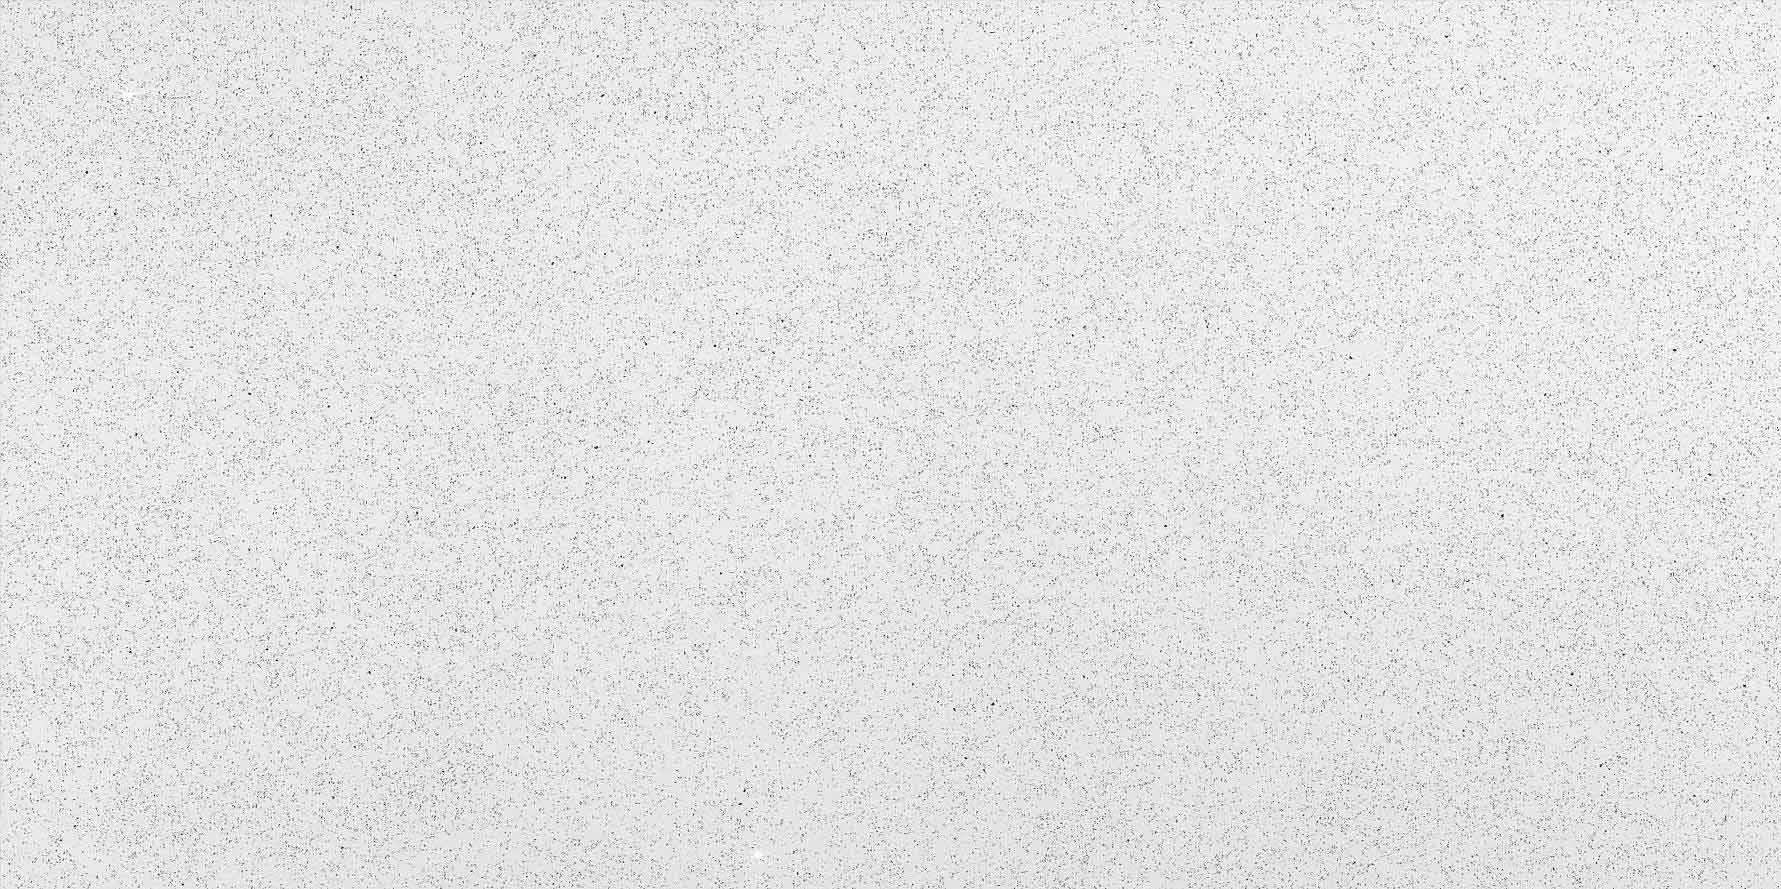 Crystal White 3200x1600mm Quartz Slabs K1128